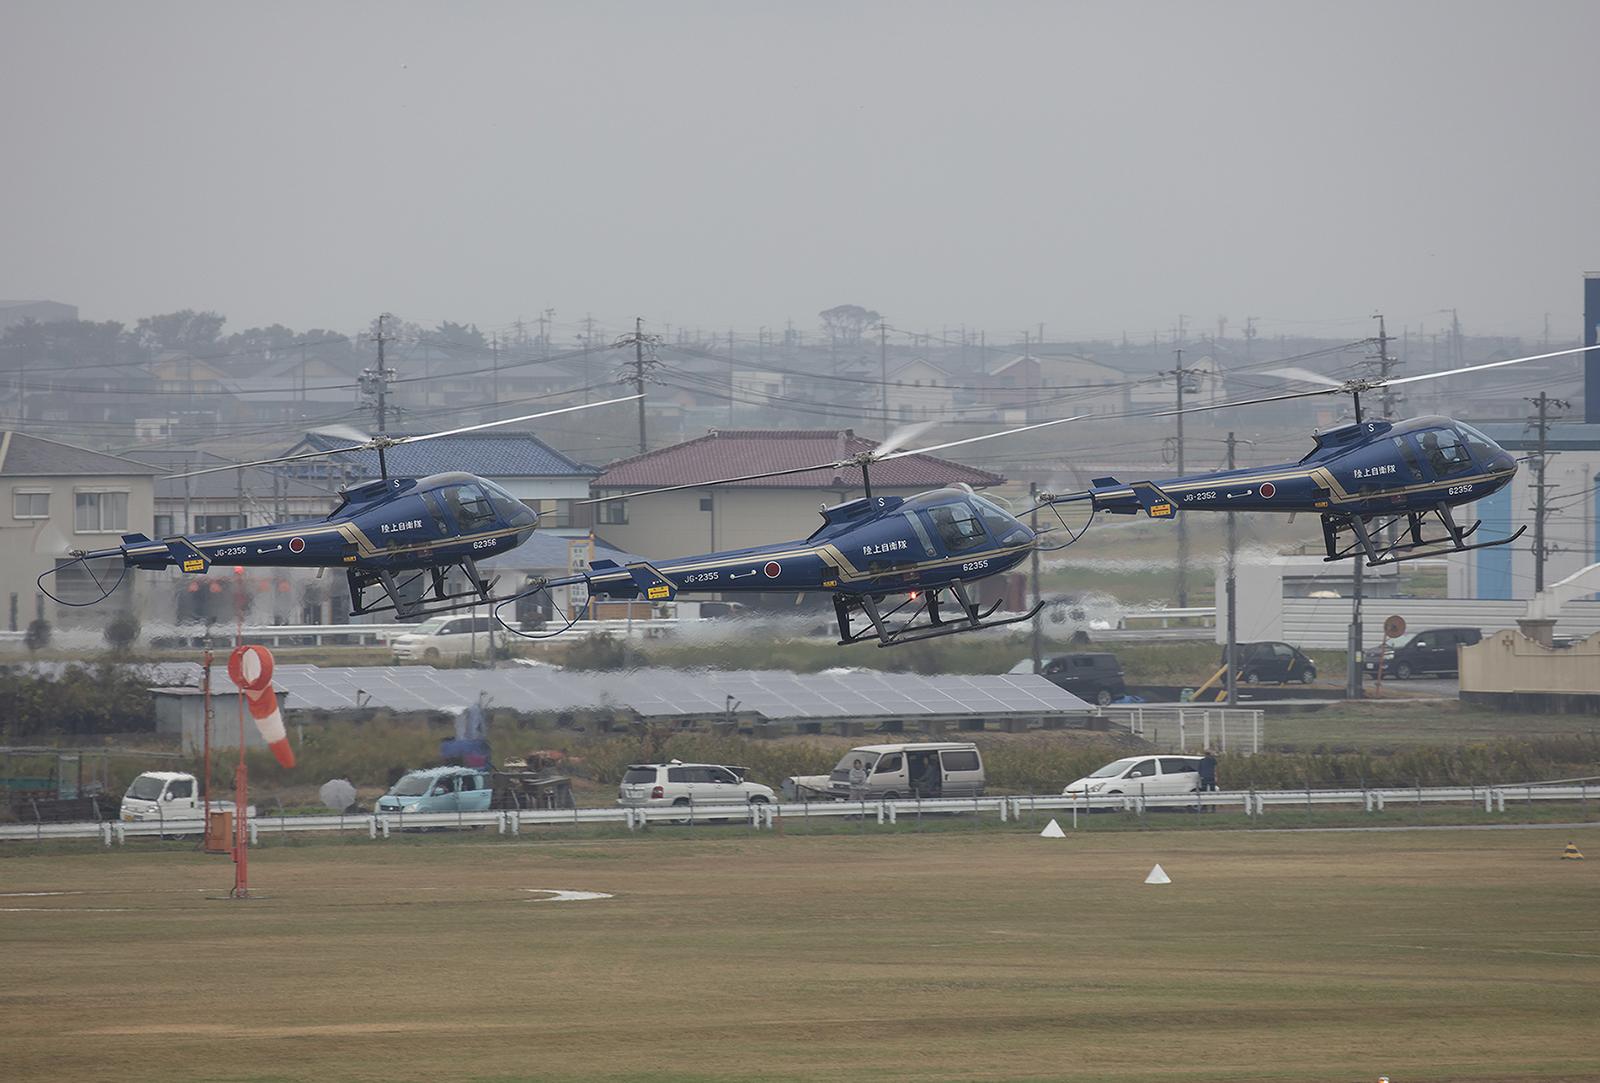 Sein gutmütiges Flugverhalten ermöglicht den Flugschülern einen angenehmen Einstieg ins Berufsleben.